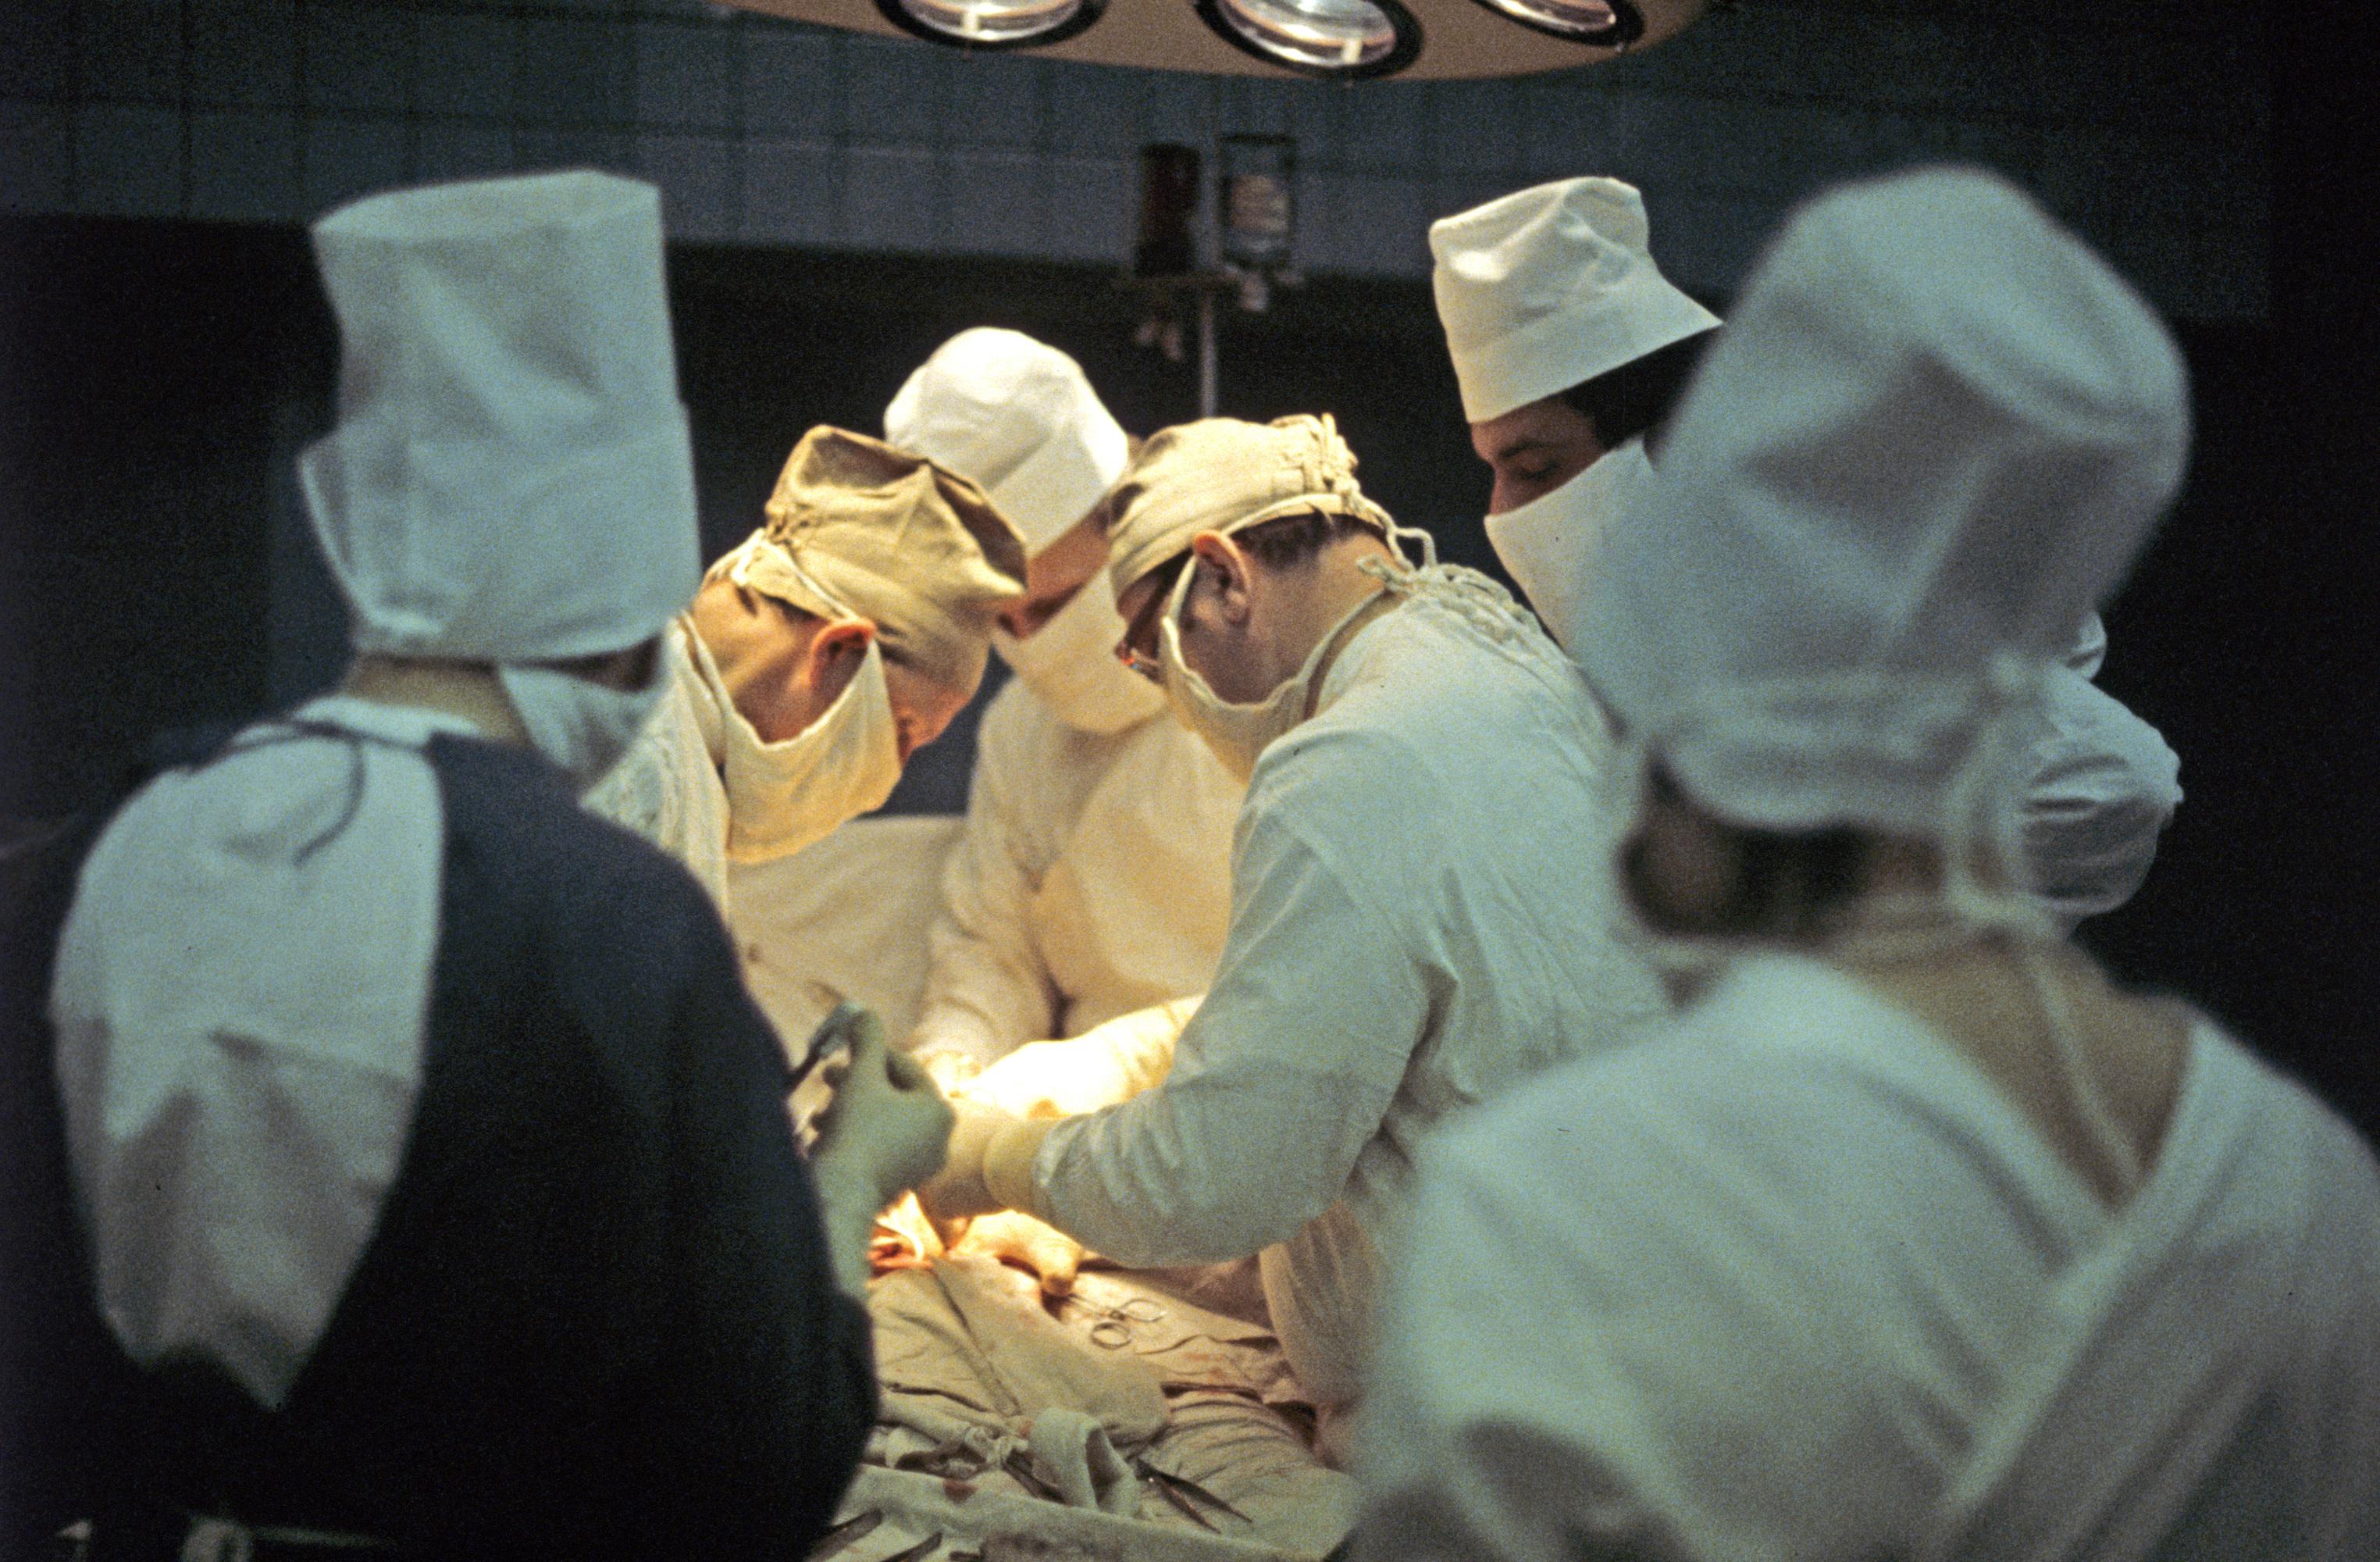 Врачи продолжают оперировать бобслеистку Скворцову